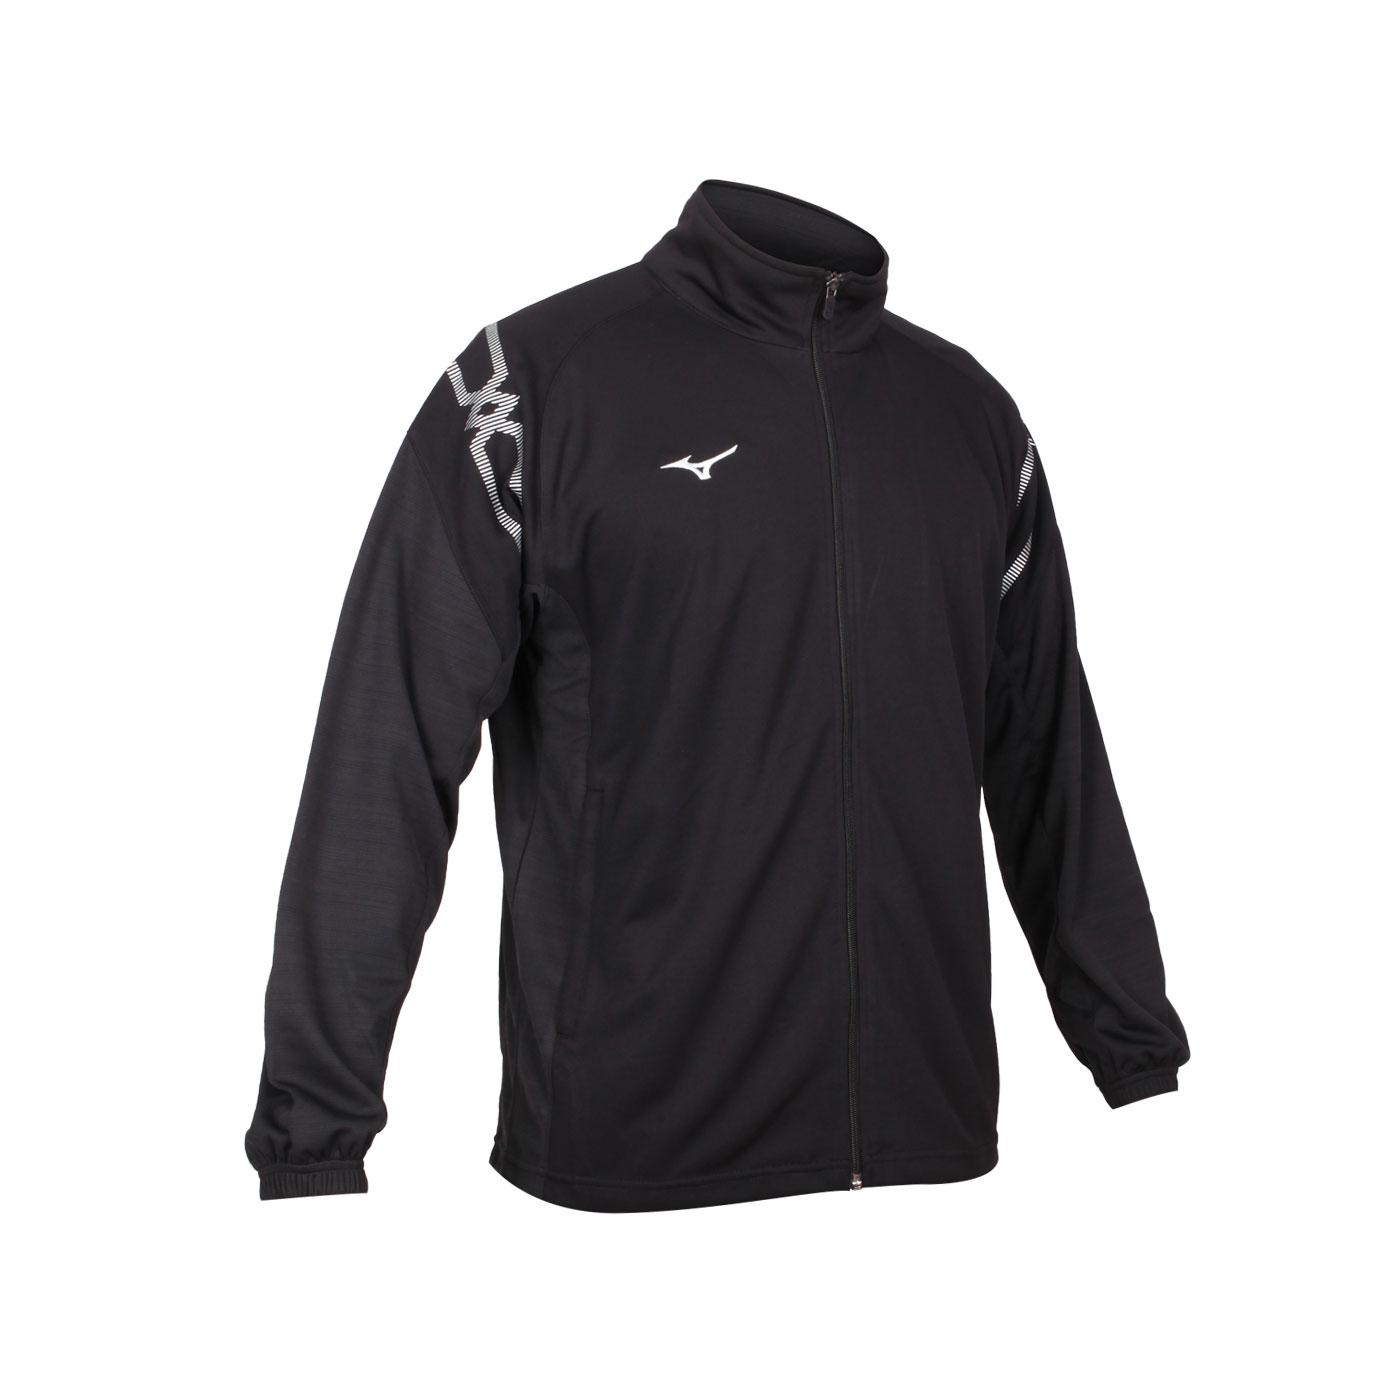 MIZUNO 男款針織運動外套 32TC103209 - 黑白